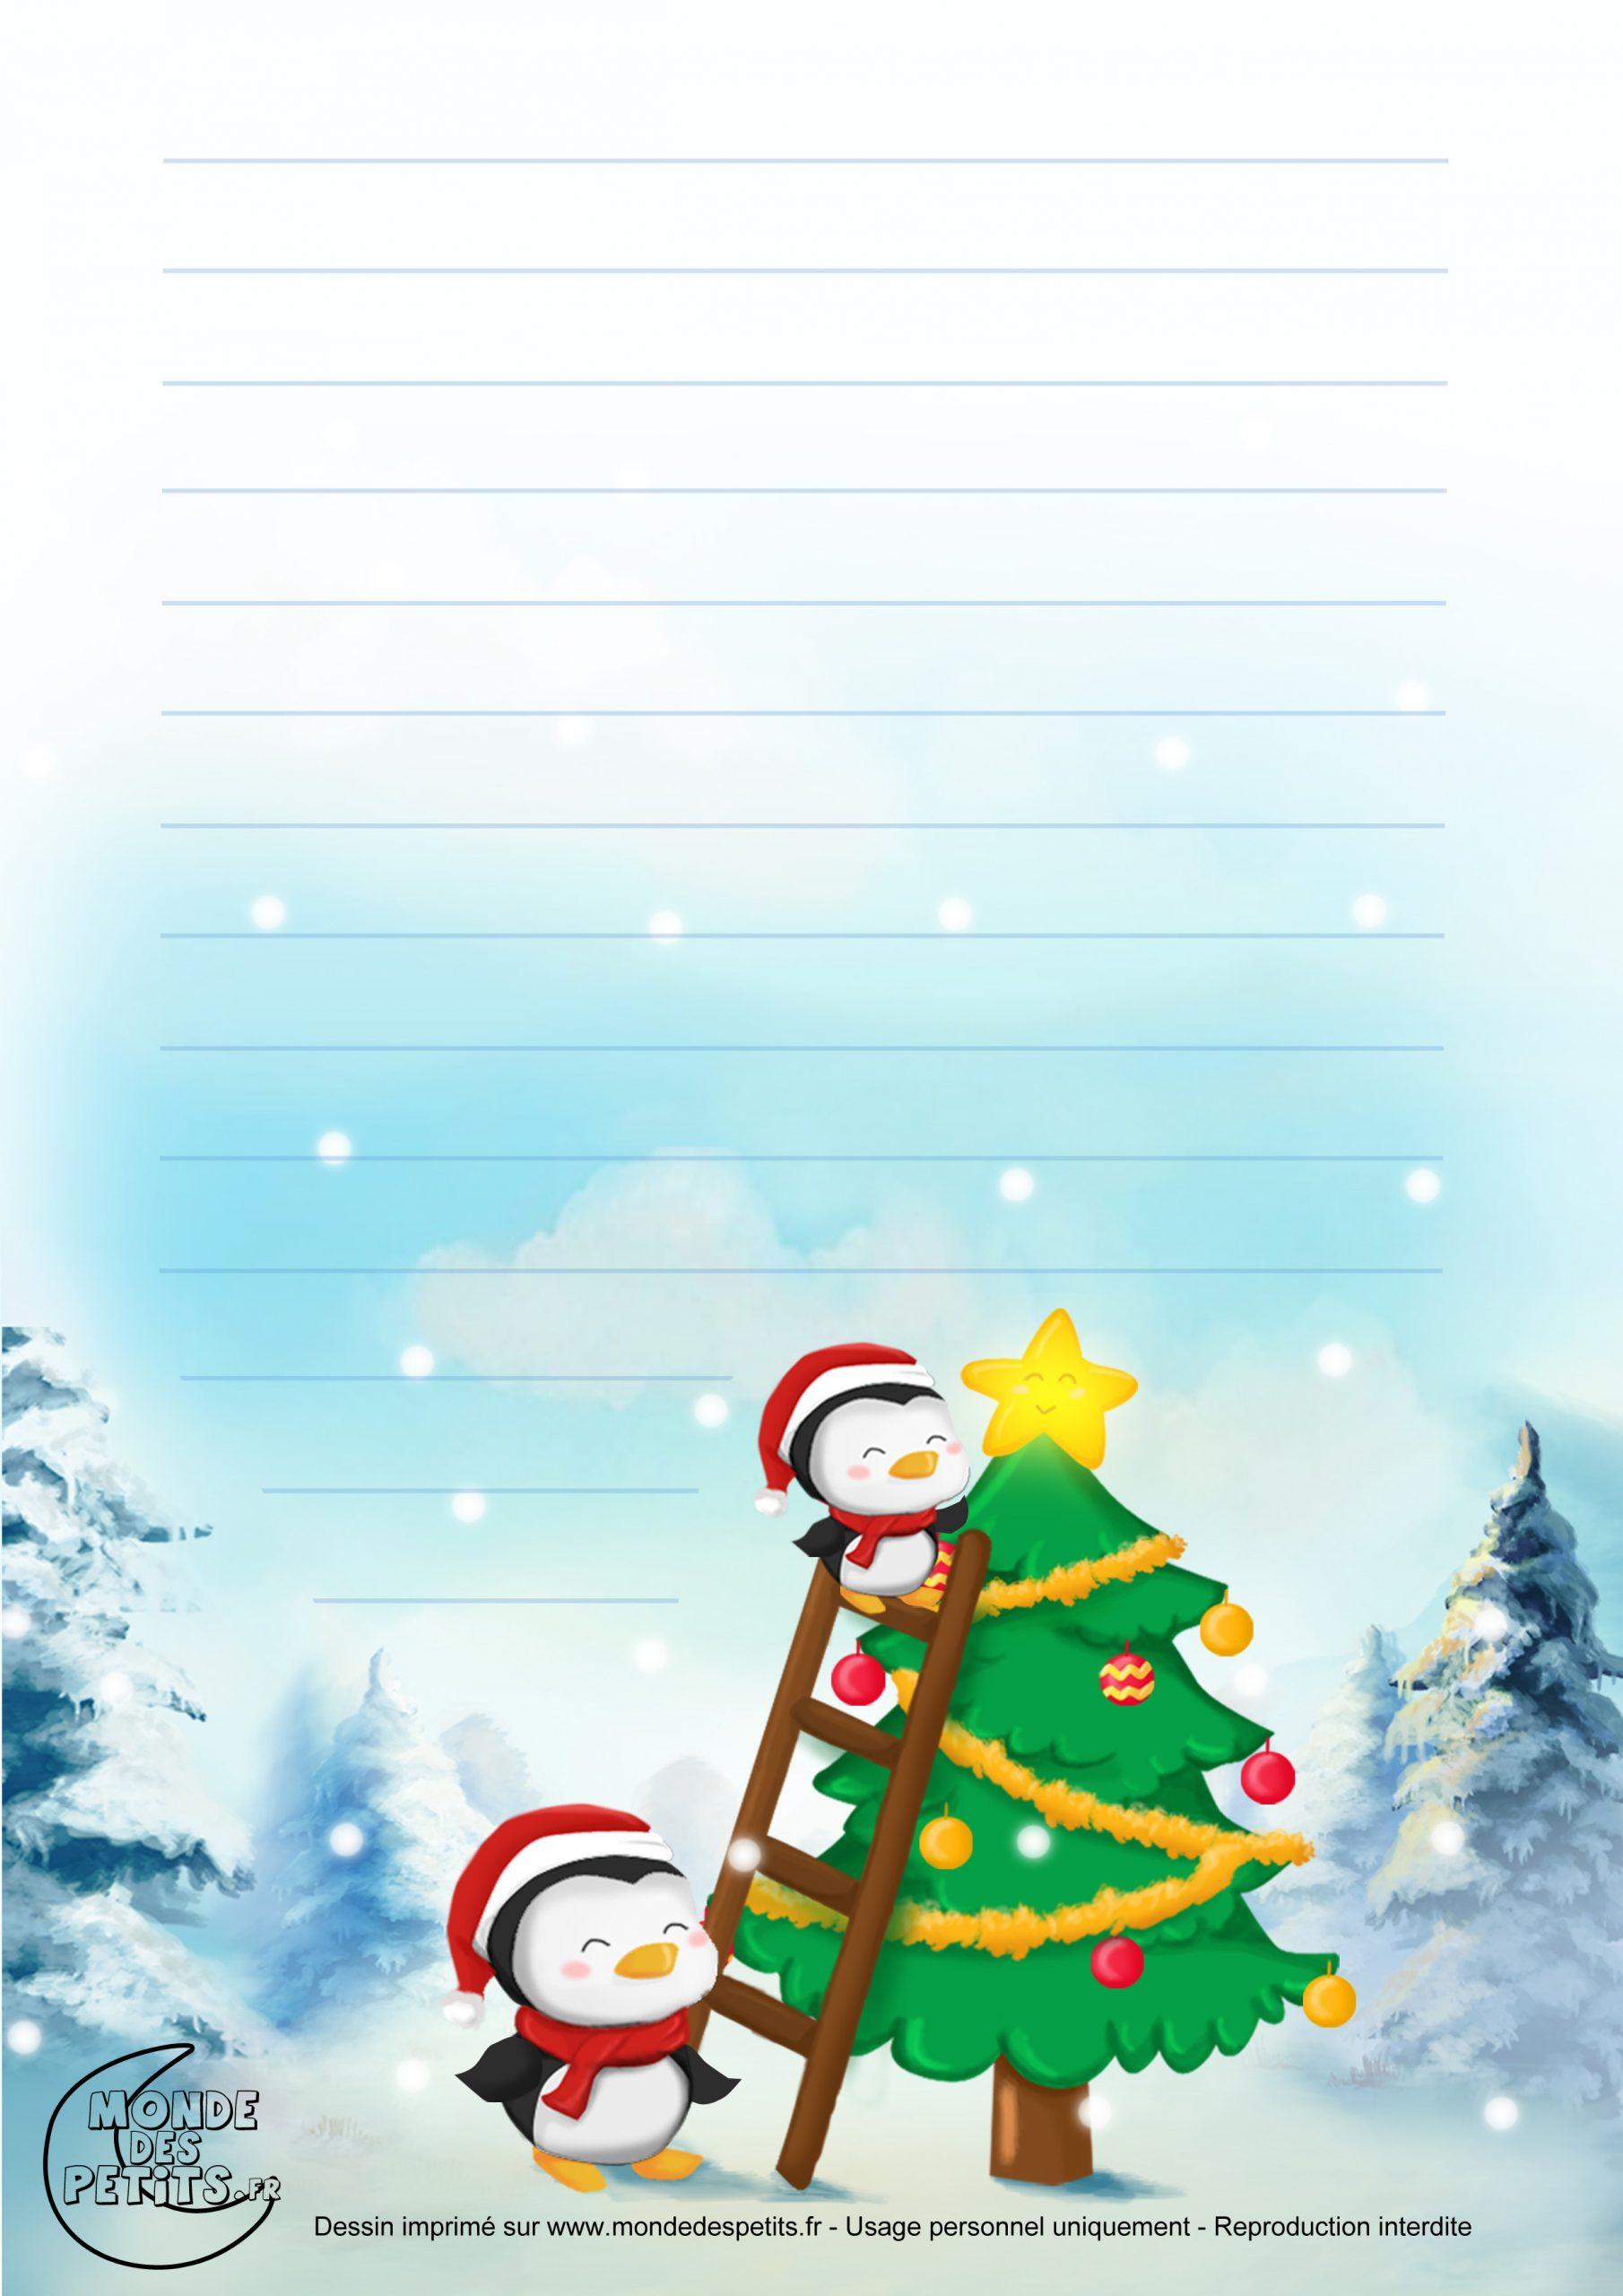 Monde Des Petits - Papier À Lettre pour Papier Lettre De Noel